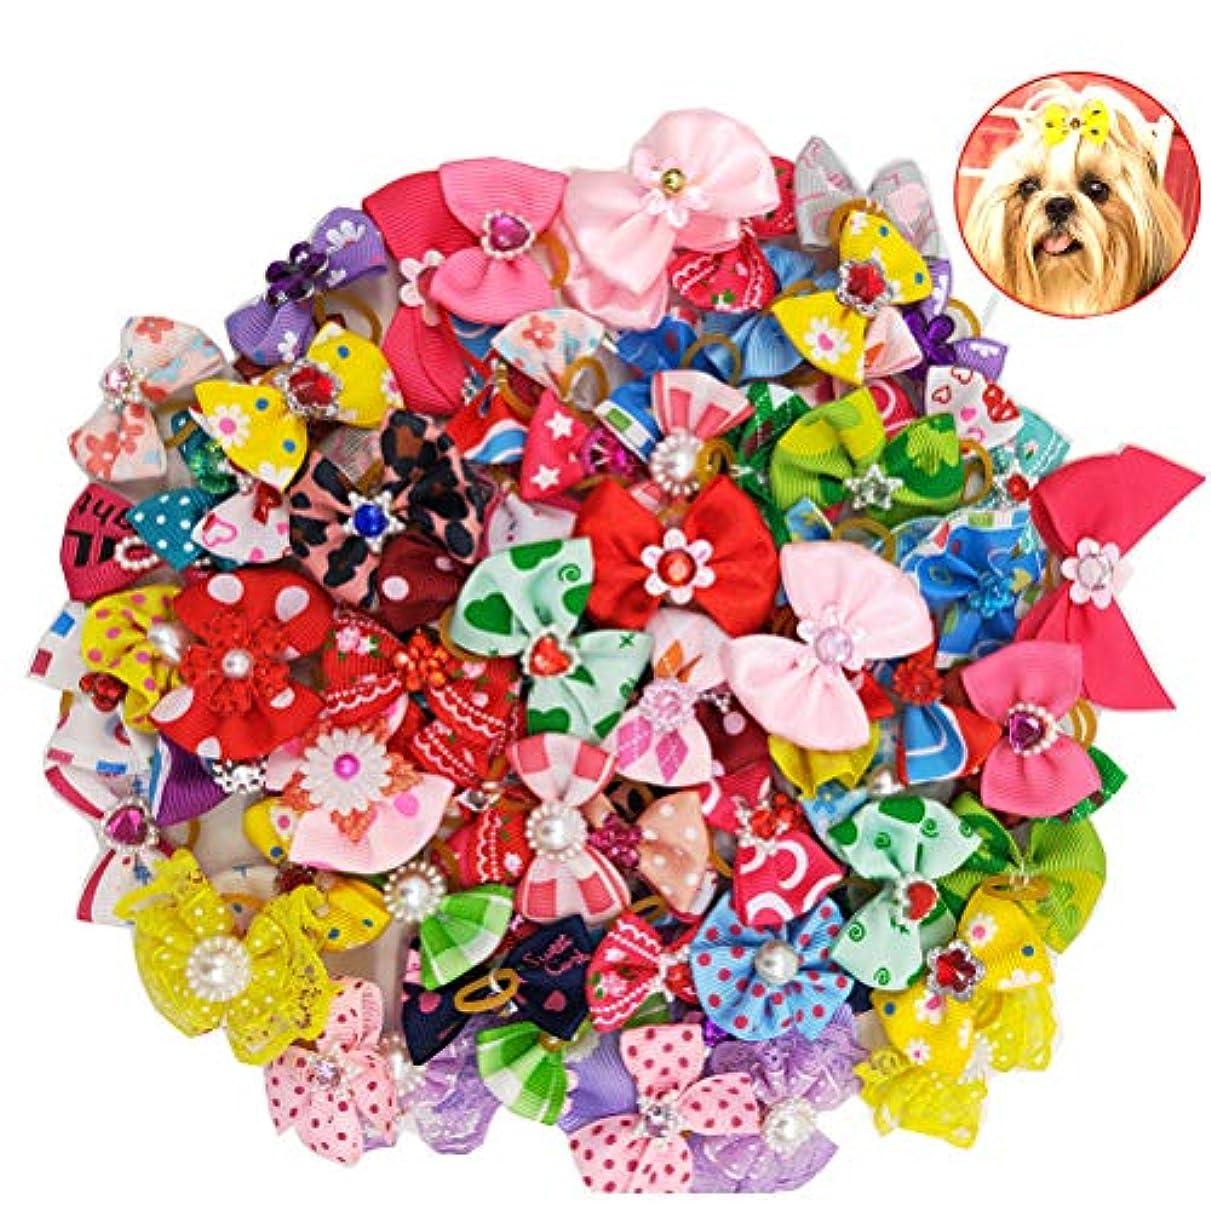 パスポートマインドフルシリンダーBalacoo 50個入り多色犬の髪の弓とゴムバンド弾性髪のバンドちょう結び帽子の帽子猫の犬のための(混合色)